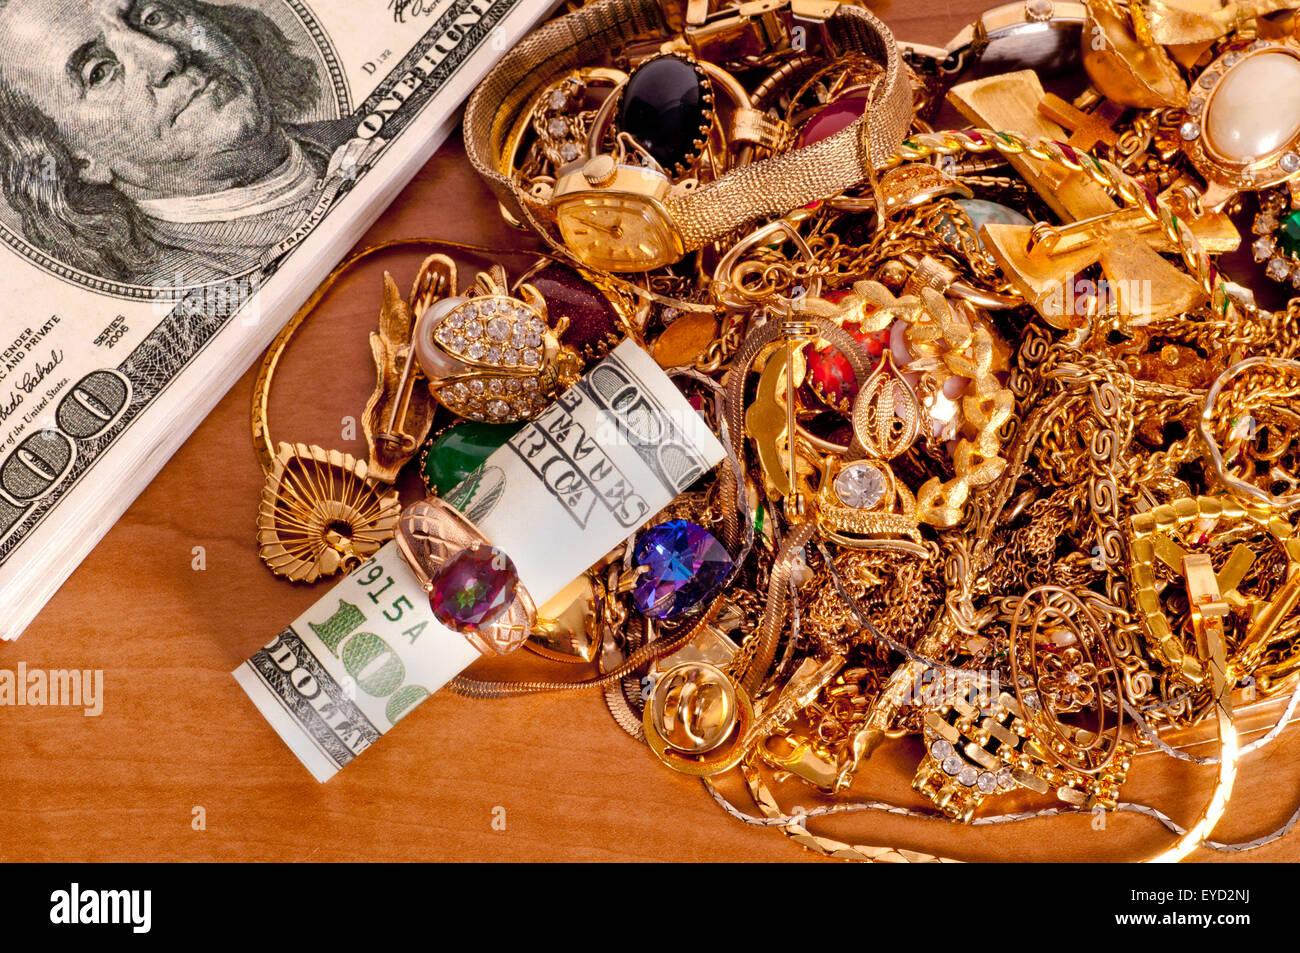 Ganar dinero vendiendo oro chatarra concepto de joyería. Imagen De Stock